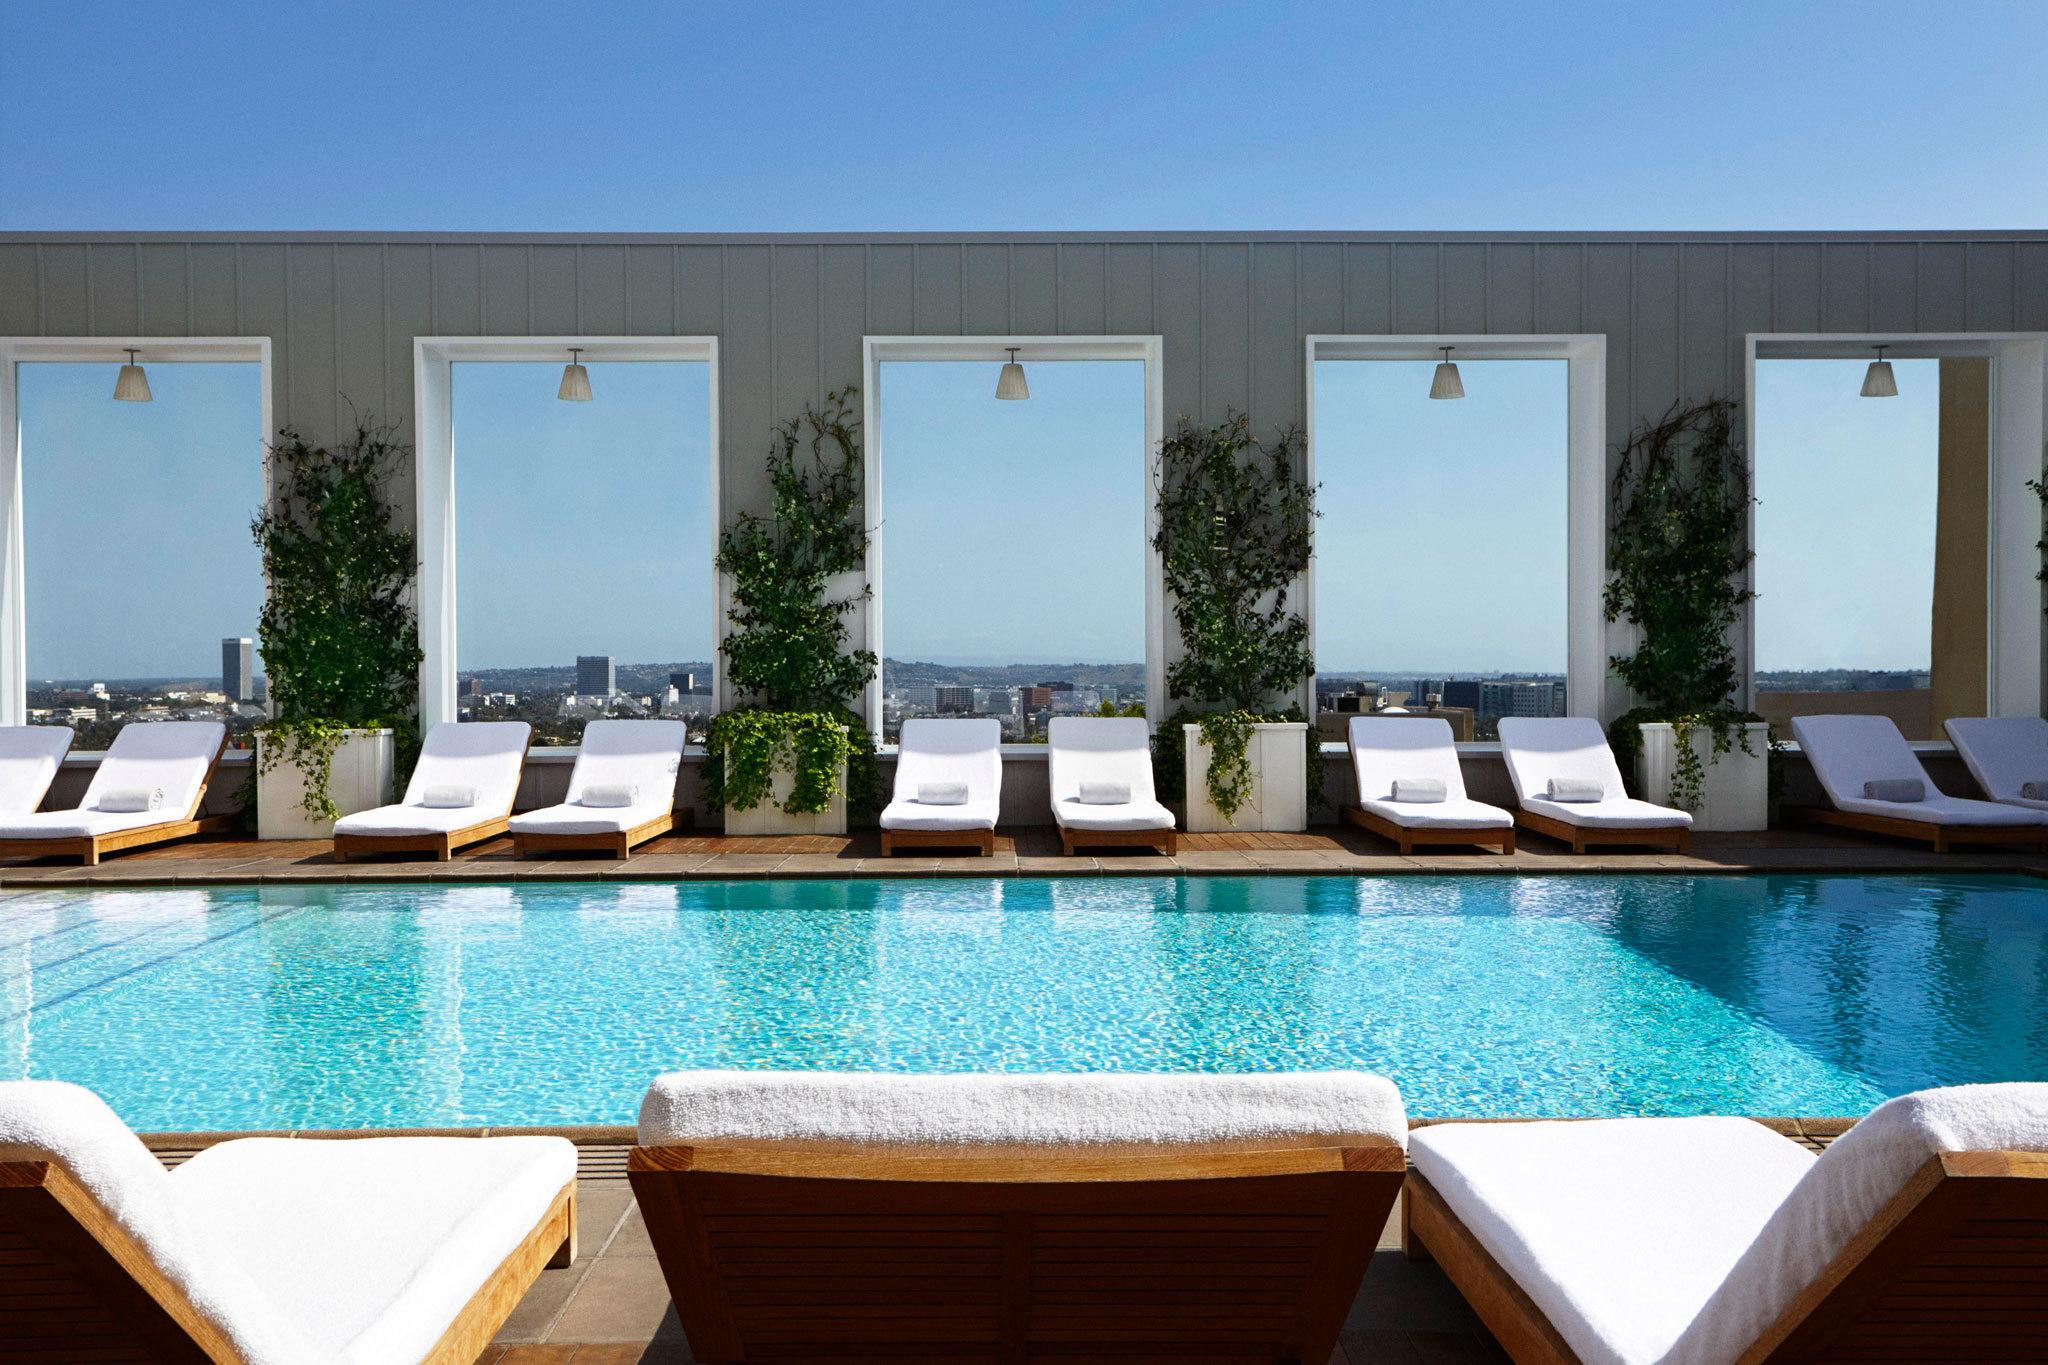 Skybar at the Mondrian – rooftop bar los angeles